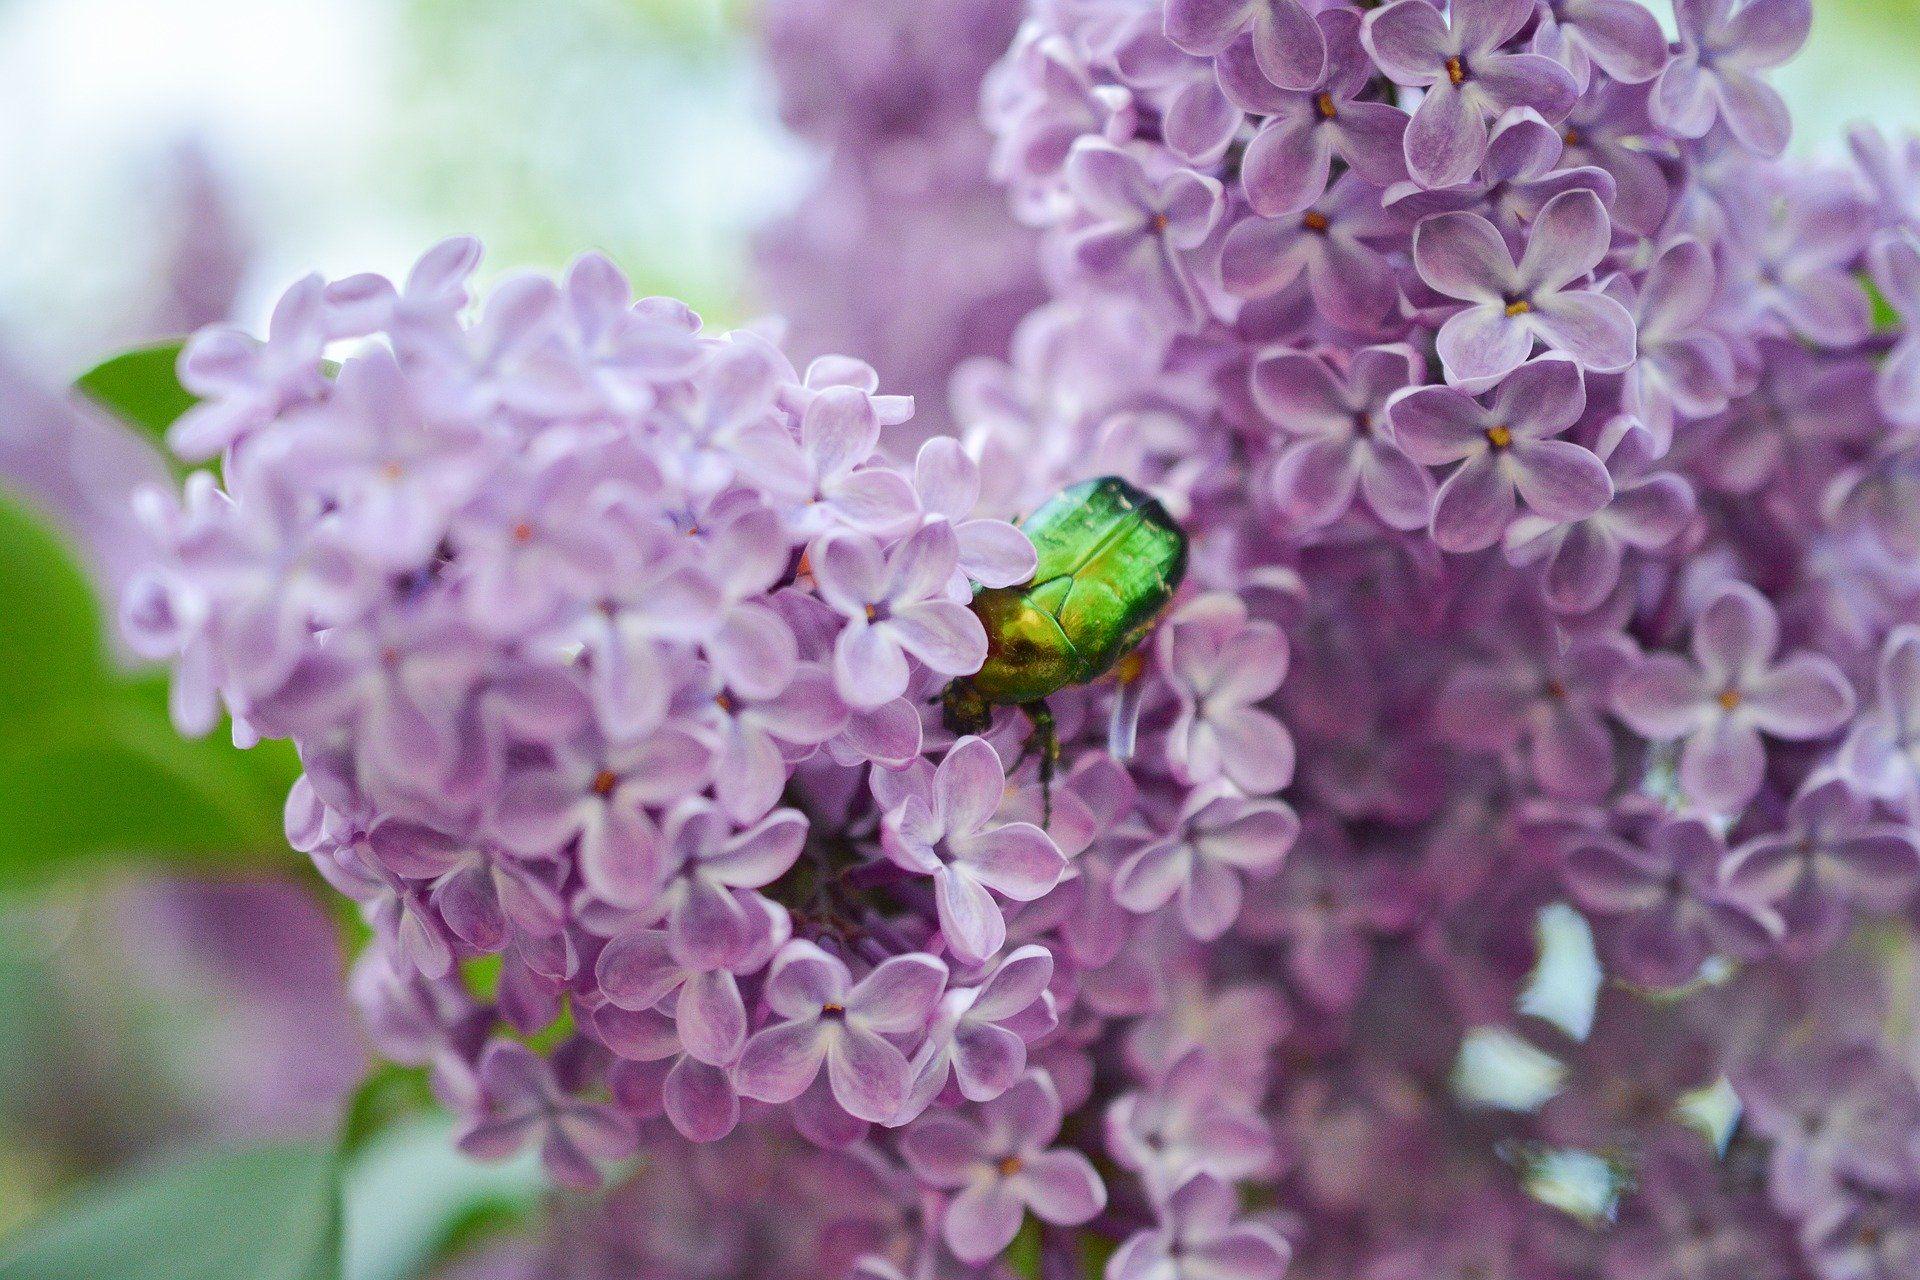 Смотреть бесплатно фото красивого жука на веточке